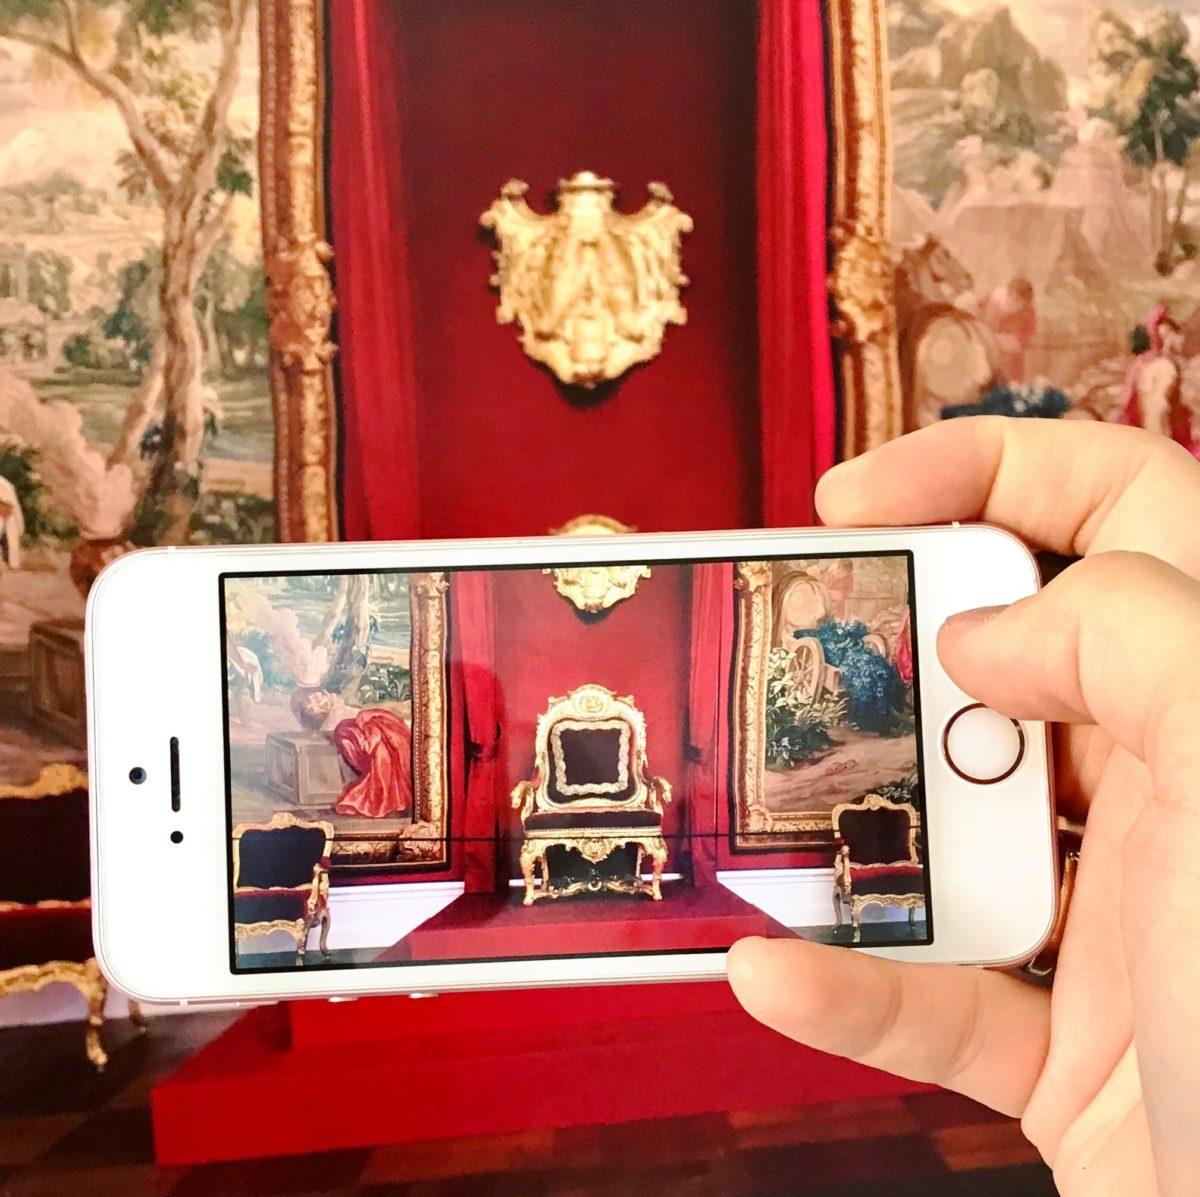 StaatsanzeigerPR: Konzept und Organisation Veranstaltung Instawalk in Schloss Bruchsal